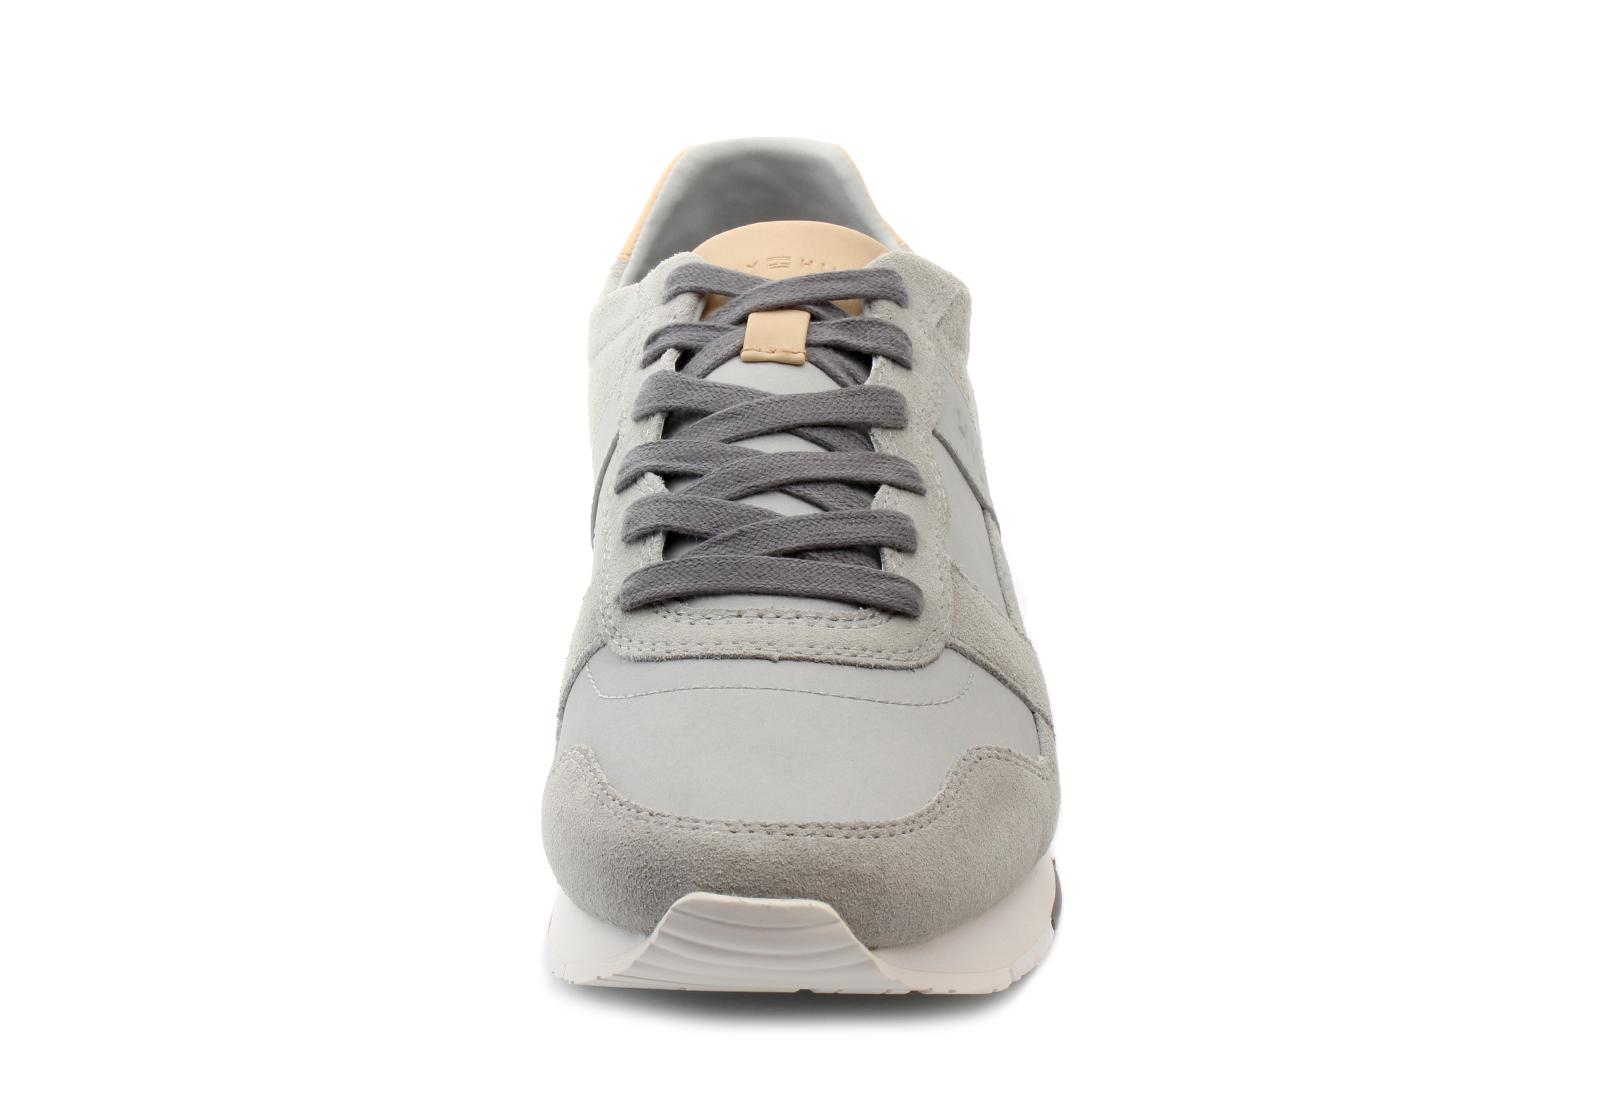 Tommy Hilfiger Cipő - Leeds 3c - 18F-1624-001 - Office Shoes ... 597f0bd185